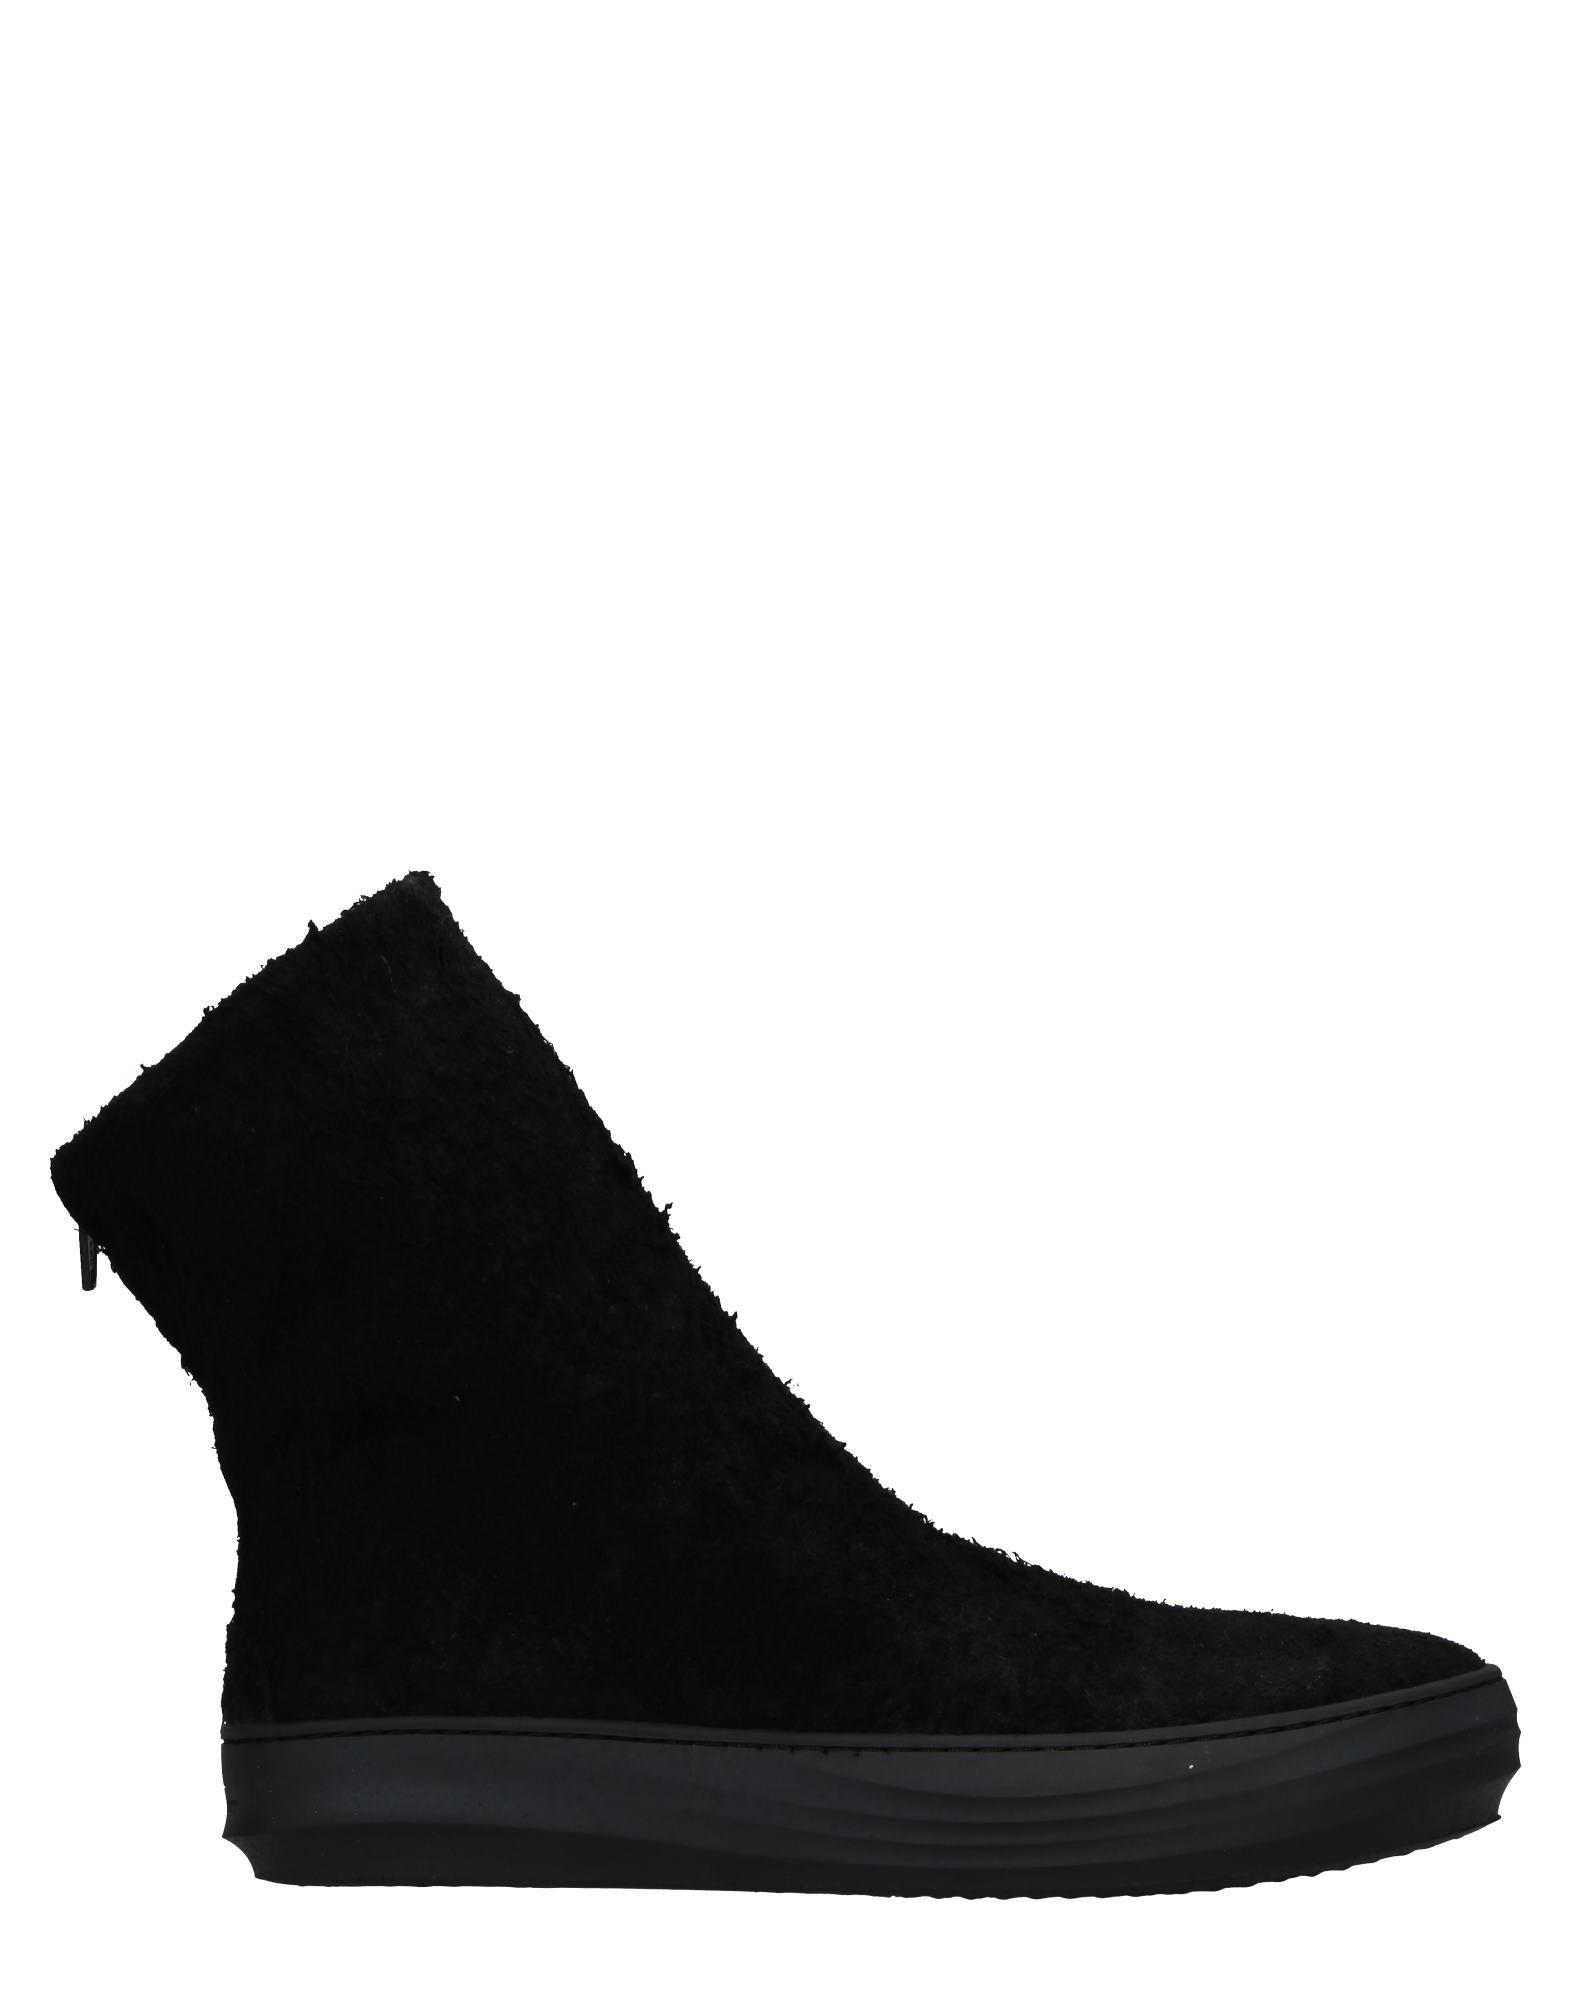 The Last Conspiracy Stiefelette Herren  11517099QP Gute Qualität beliebte Schuhe